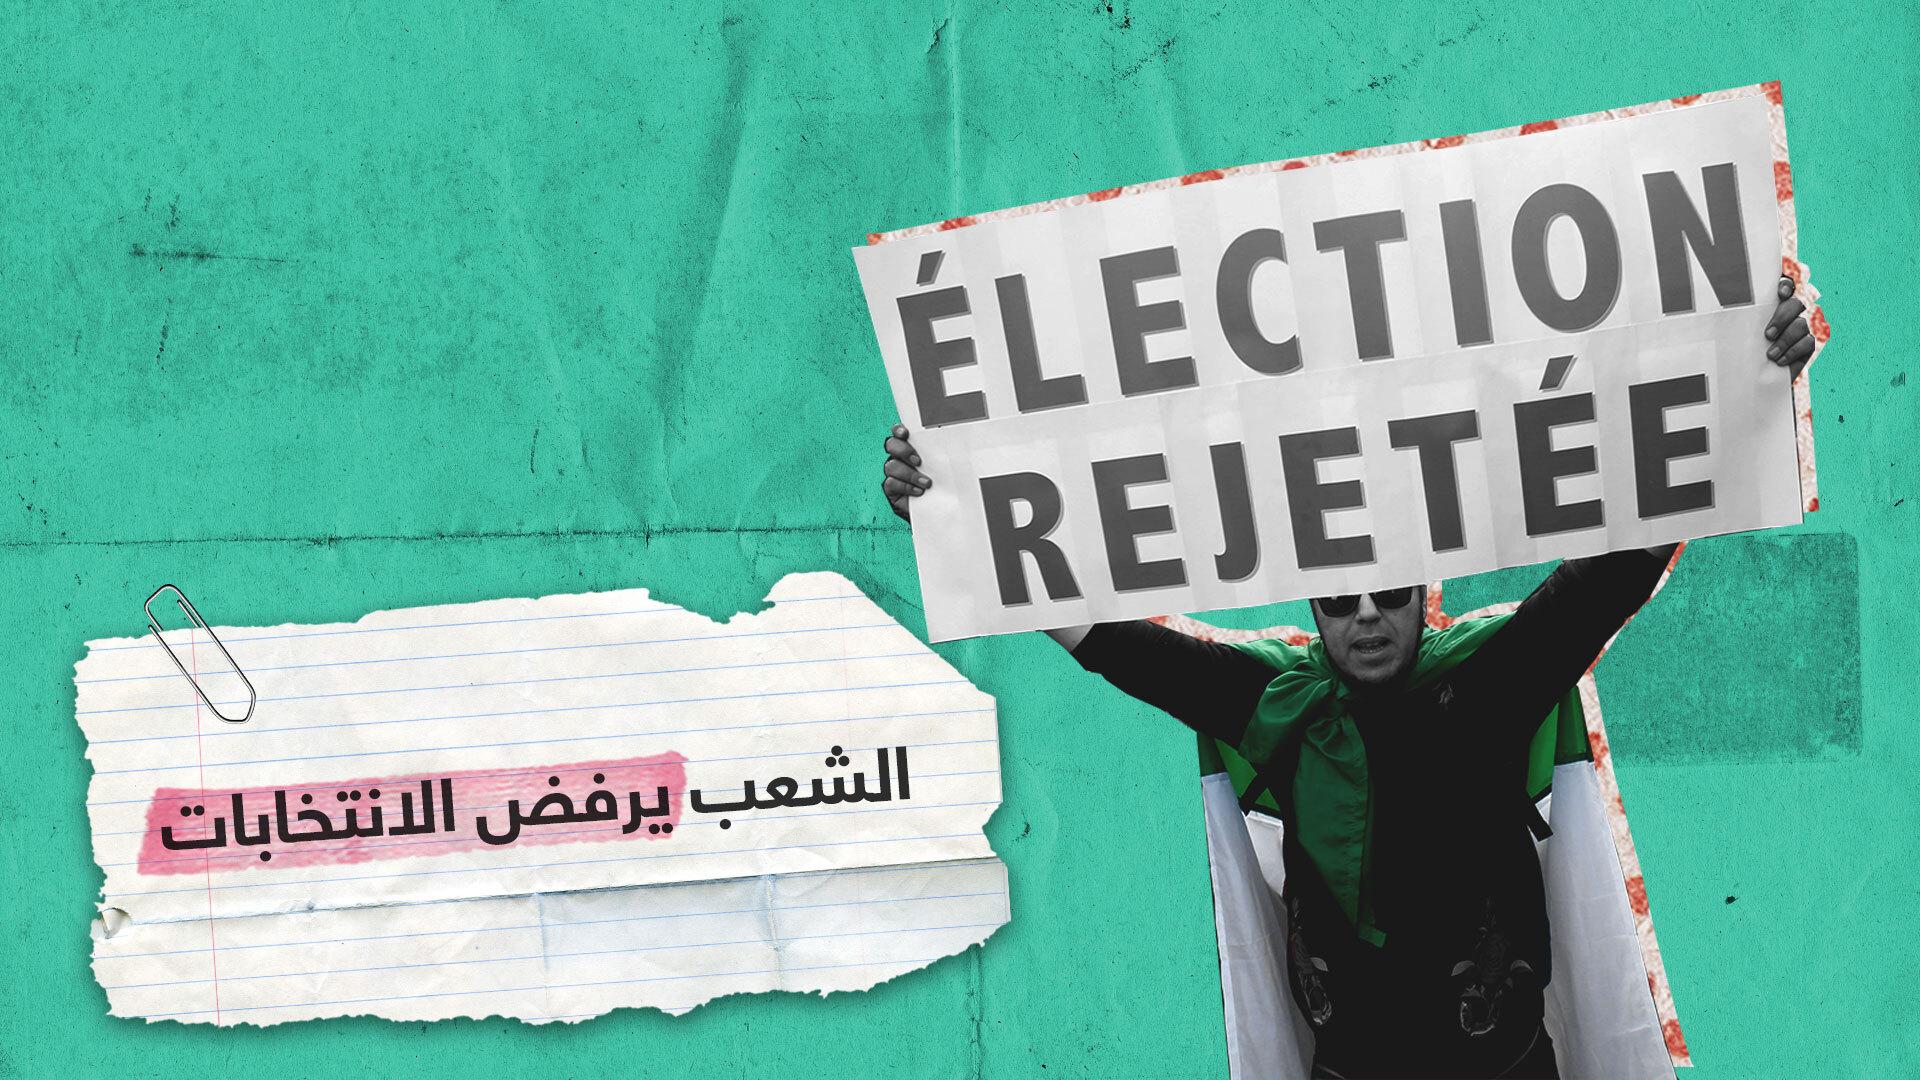 معارضون للانتخابات يقتحمون مركزا للتصويت في الجزائر